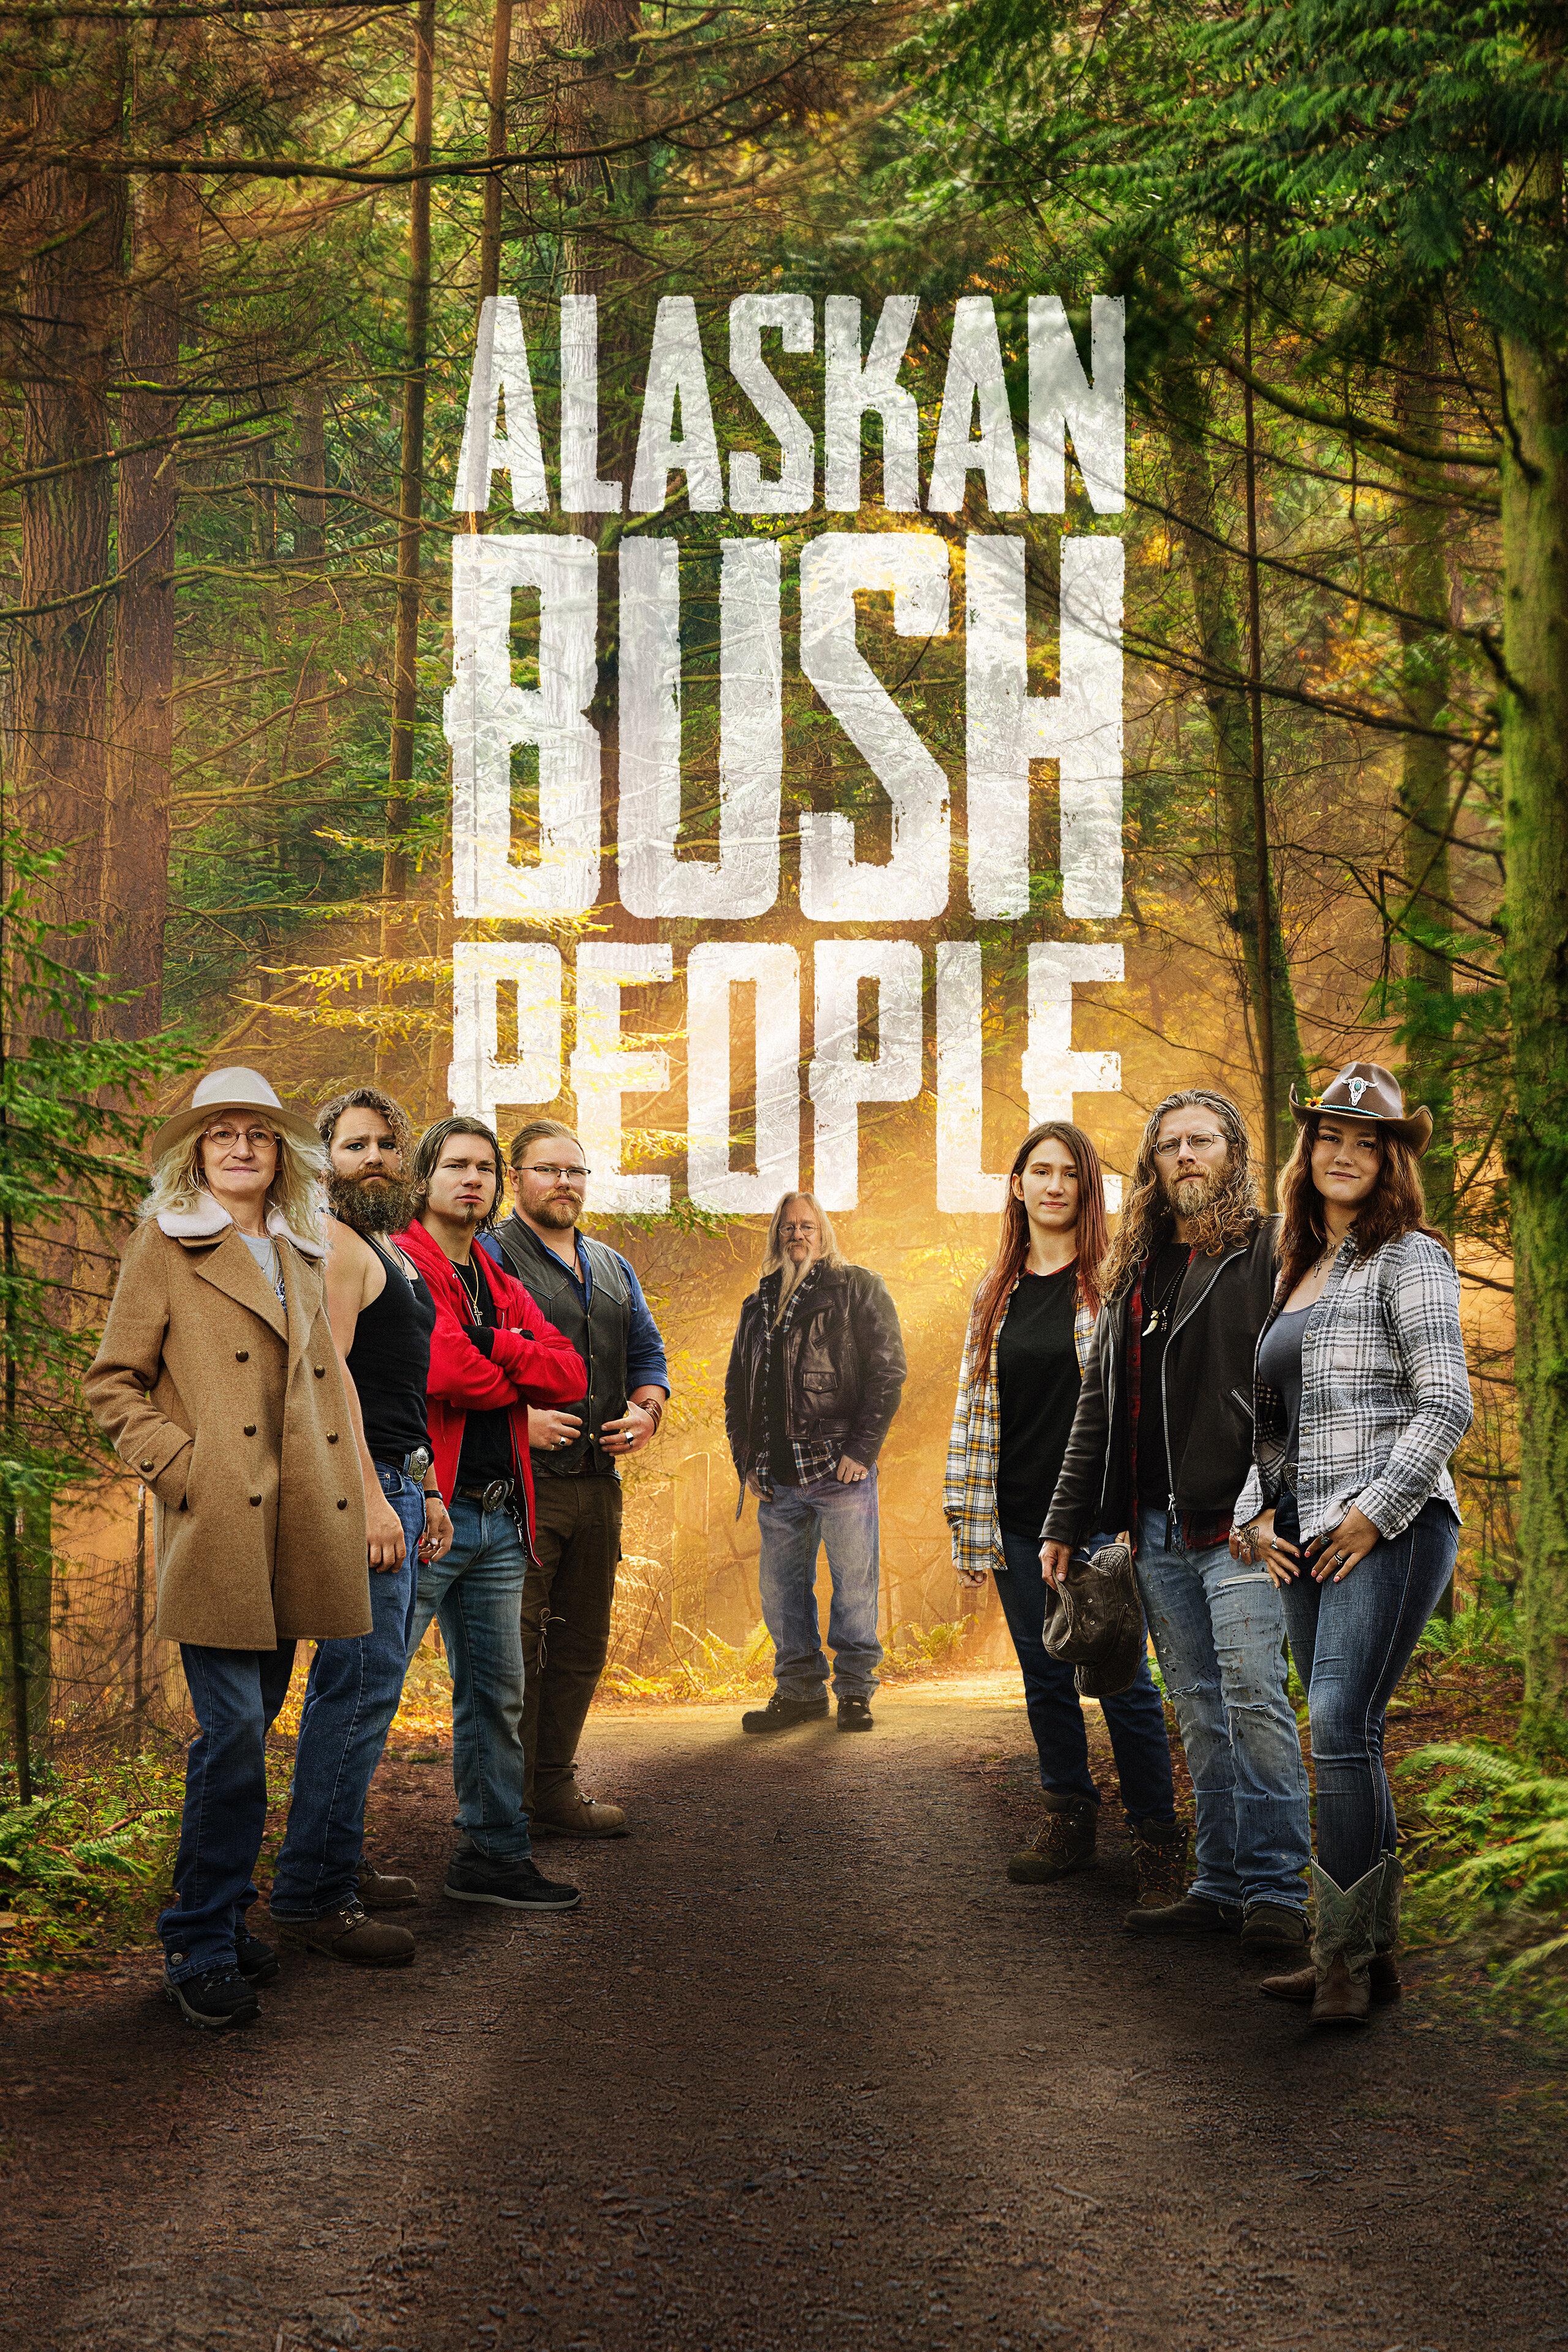 Alaskan Bush People ne zaman